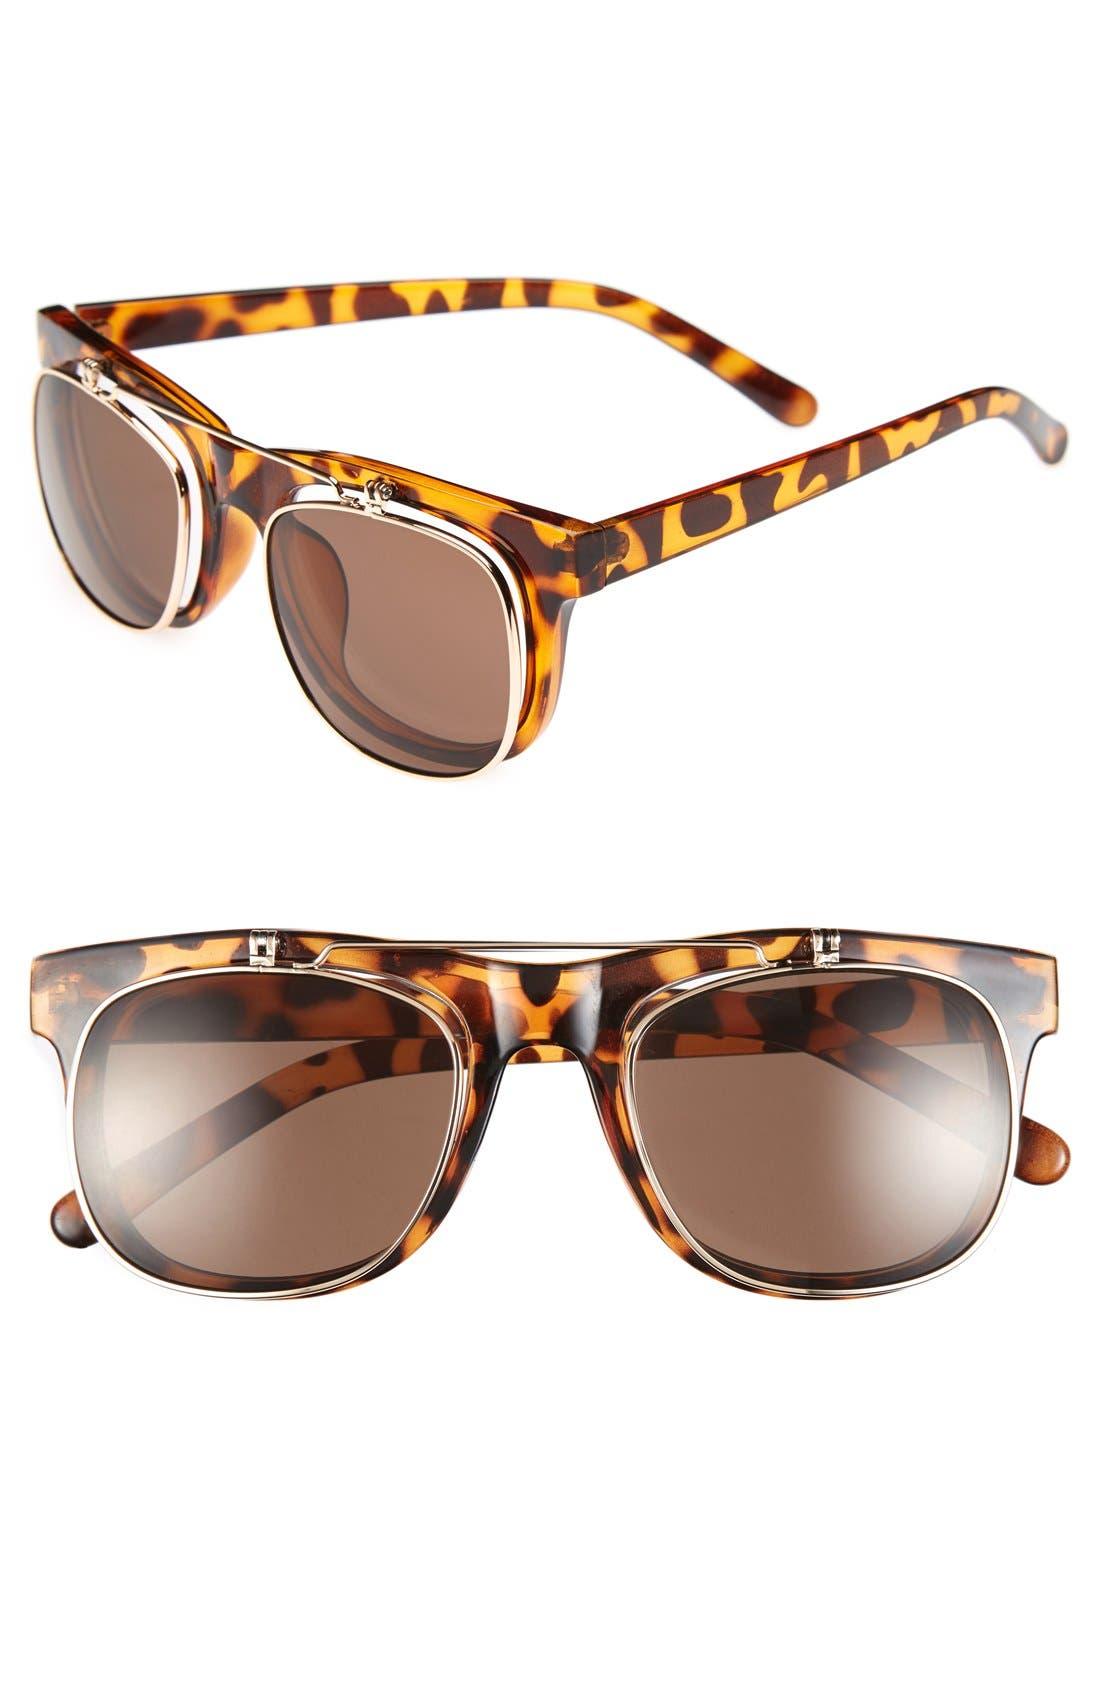 Main Image - FE NY 51mm Flip-Up Sunglasses